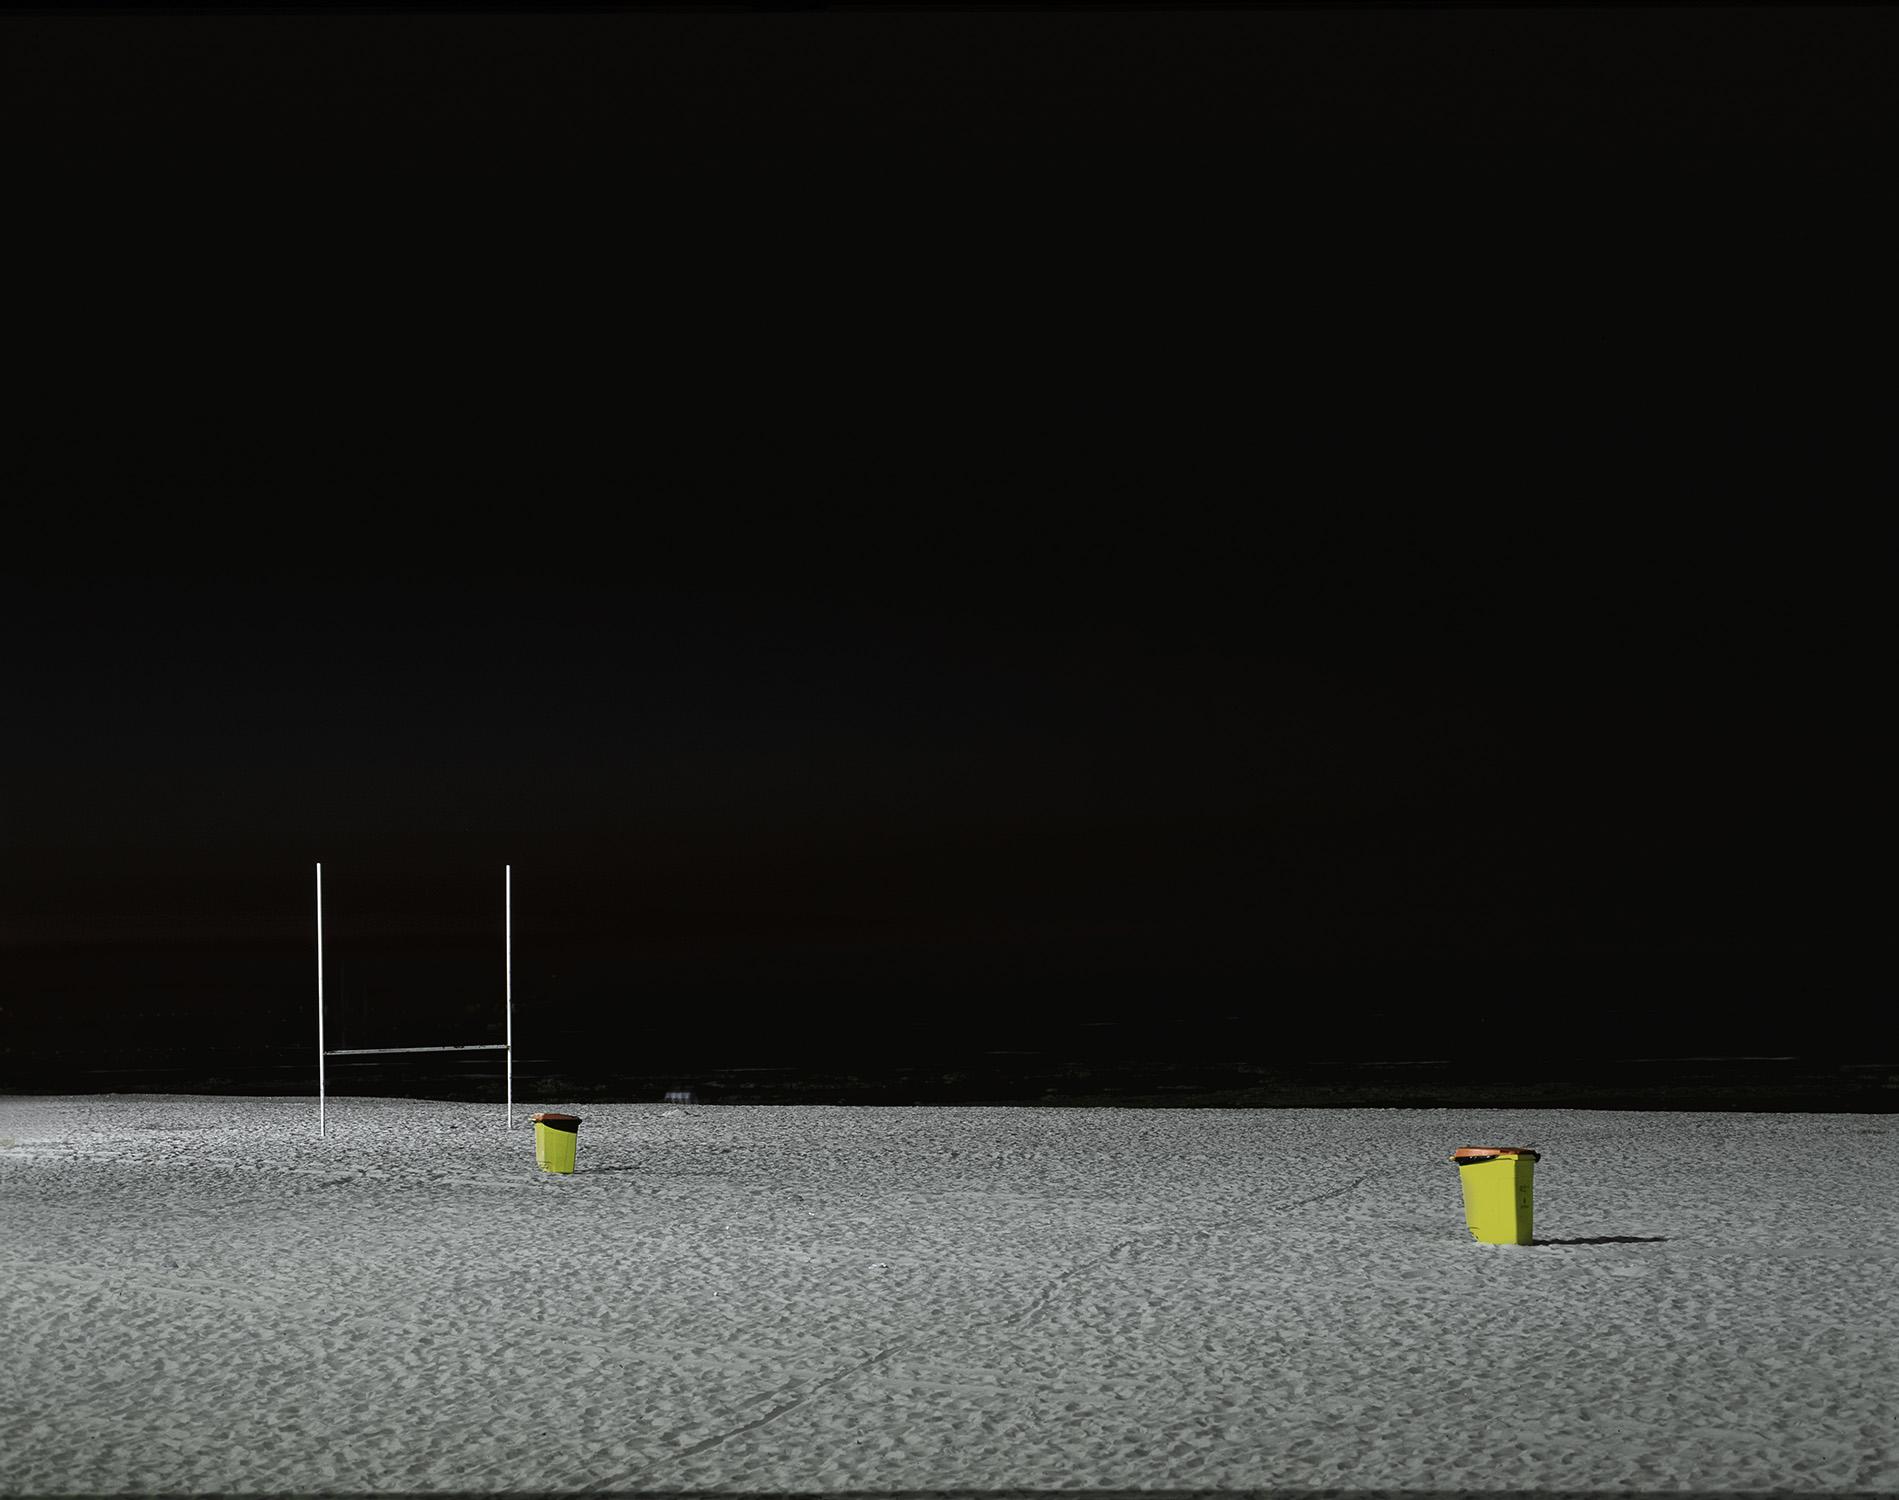 Football Field in Spain